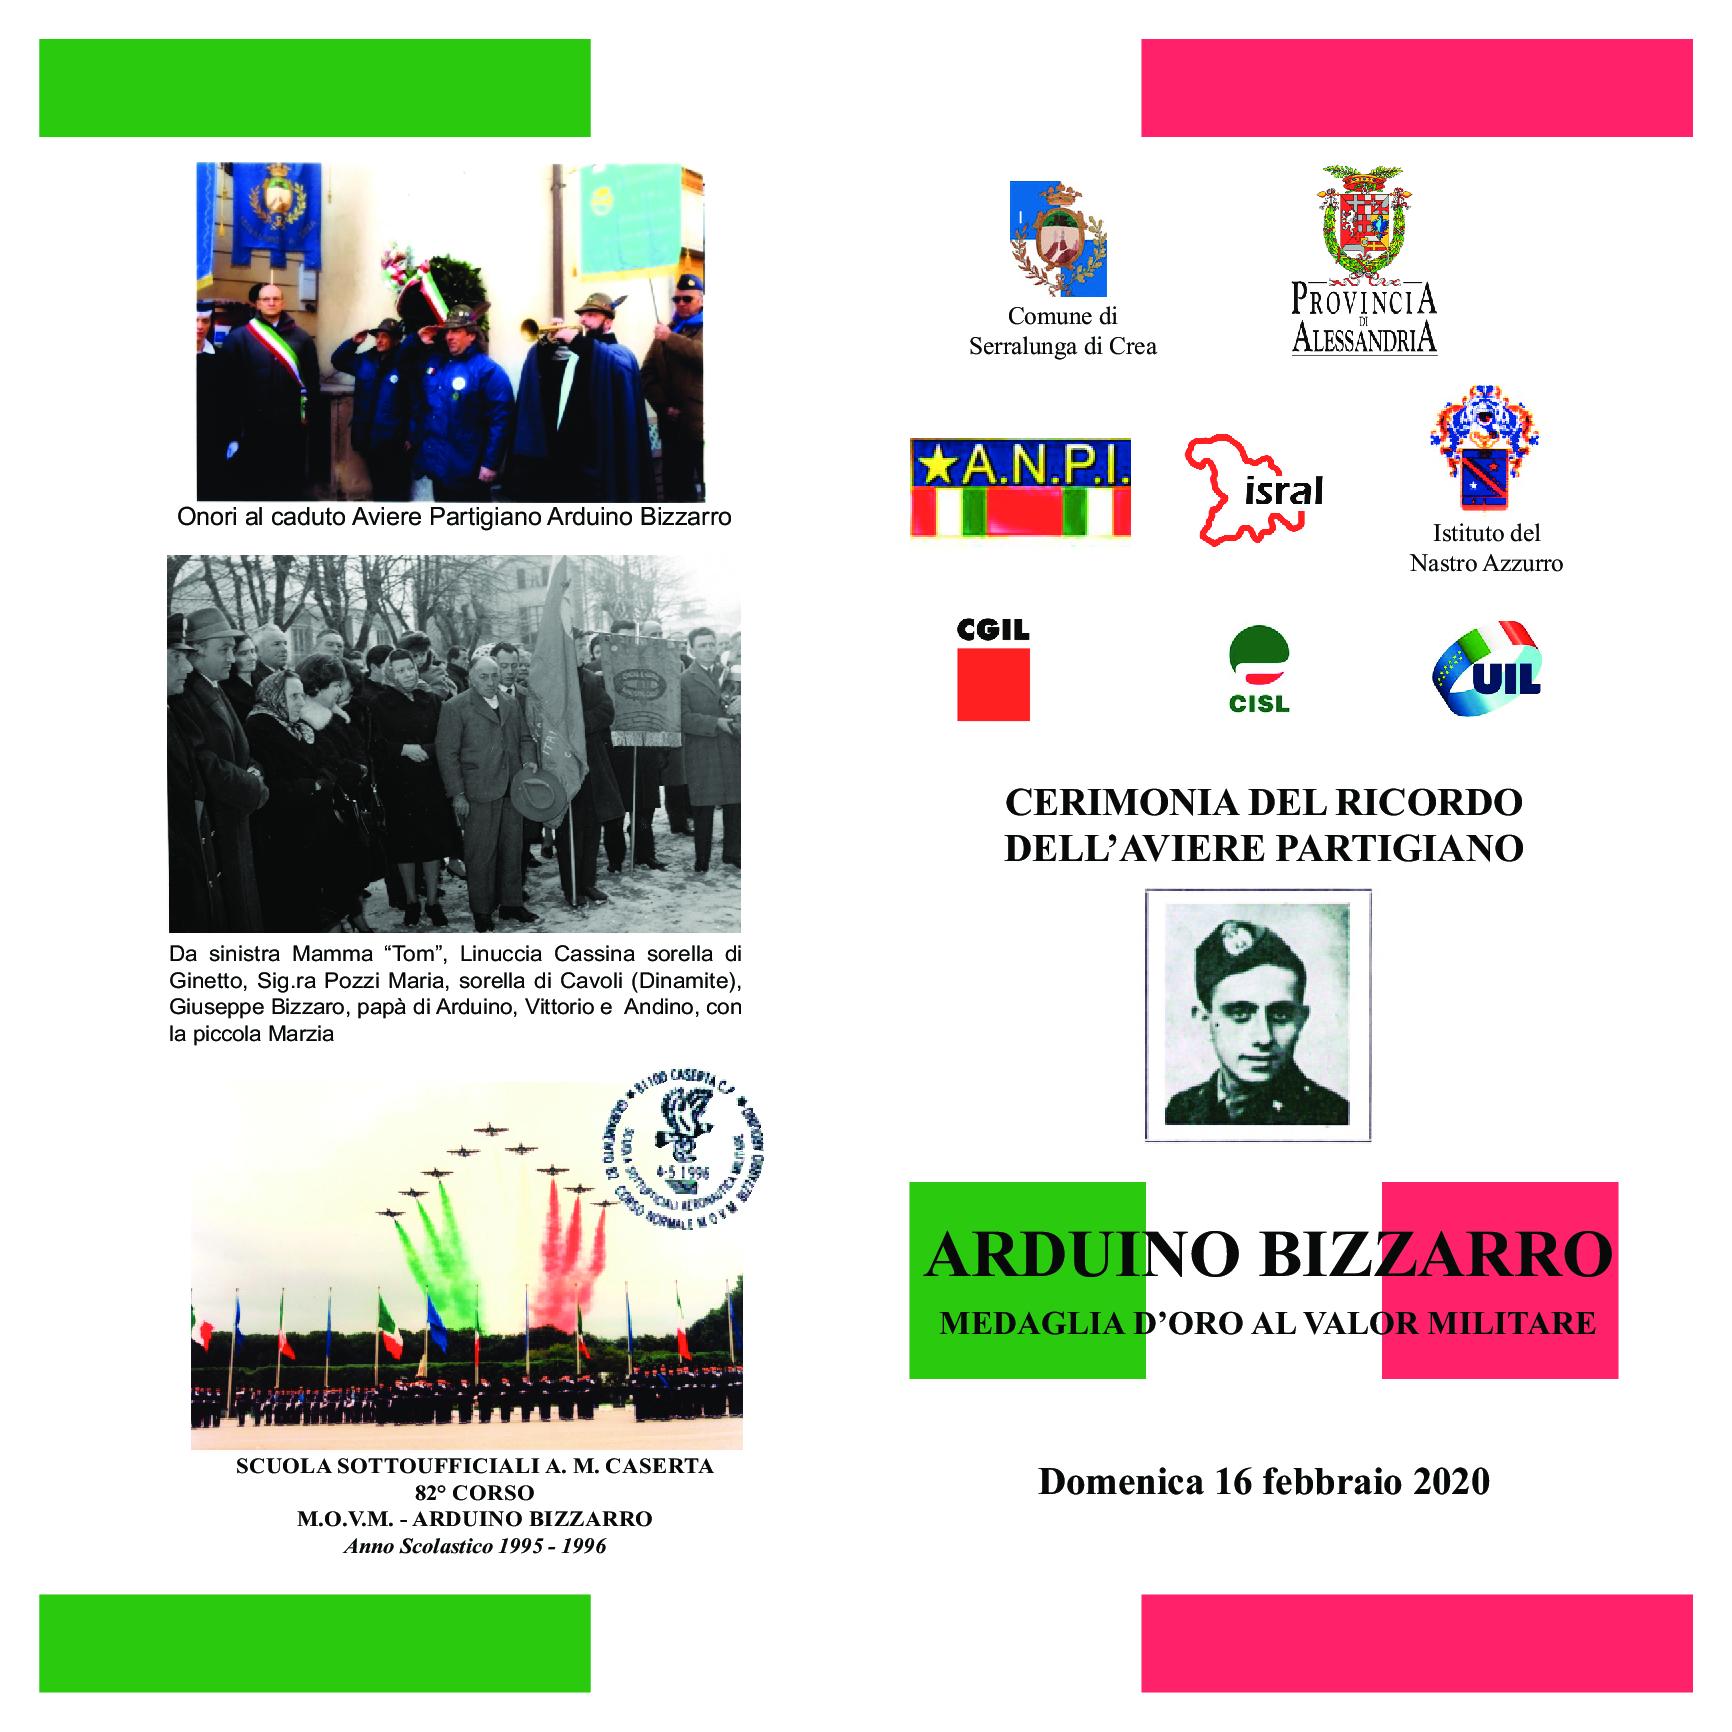 Commemorazione Arduino Bizzarro: Aviere, Partigiano e Medaglia d'Oro